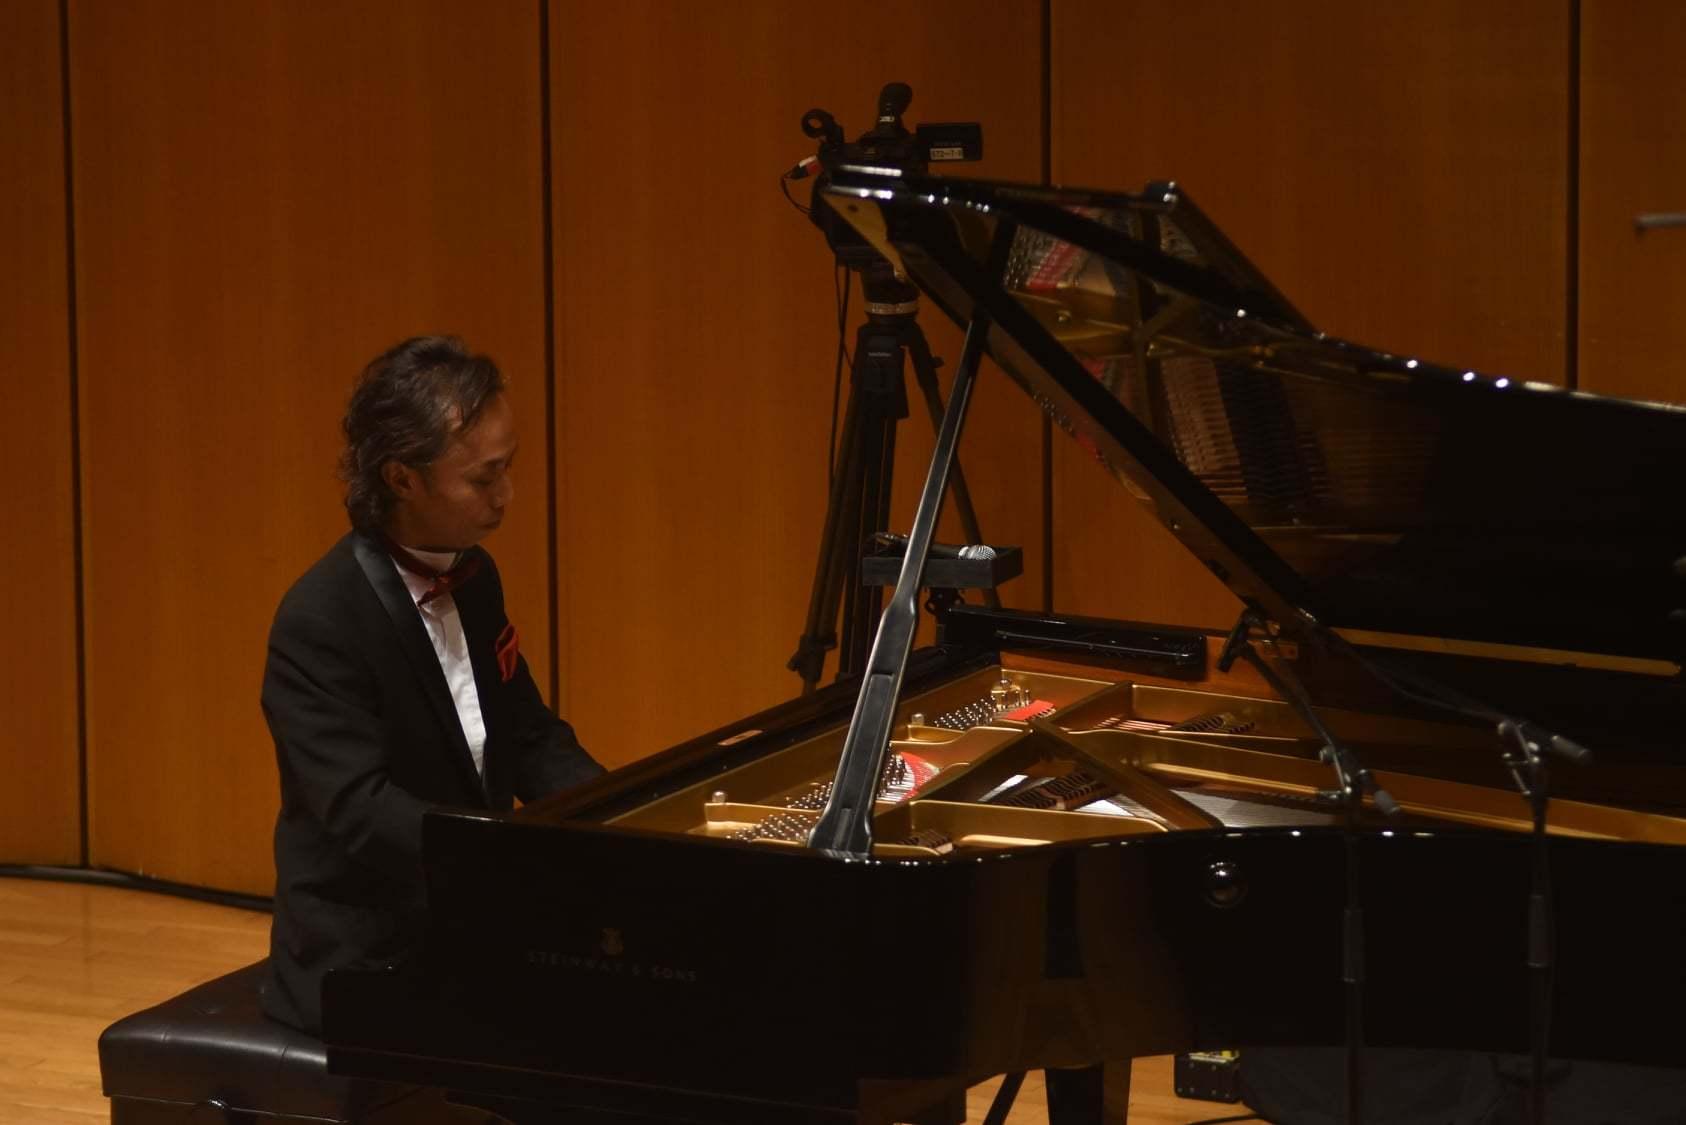 ありがとうございました!2021.02.27(土)板垣光弘ソロピアノコンサート『マイ・ラウンジ・ミュージック 2021 春』武蔵野スイングホール_d0003502_23532207.jpg